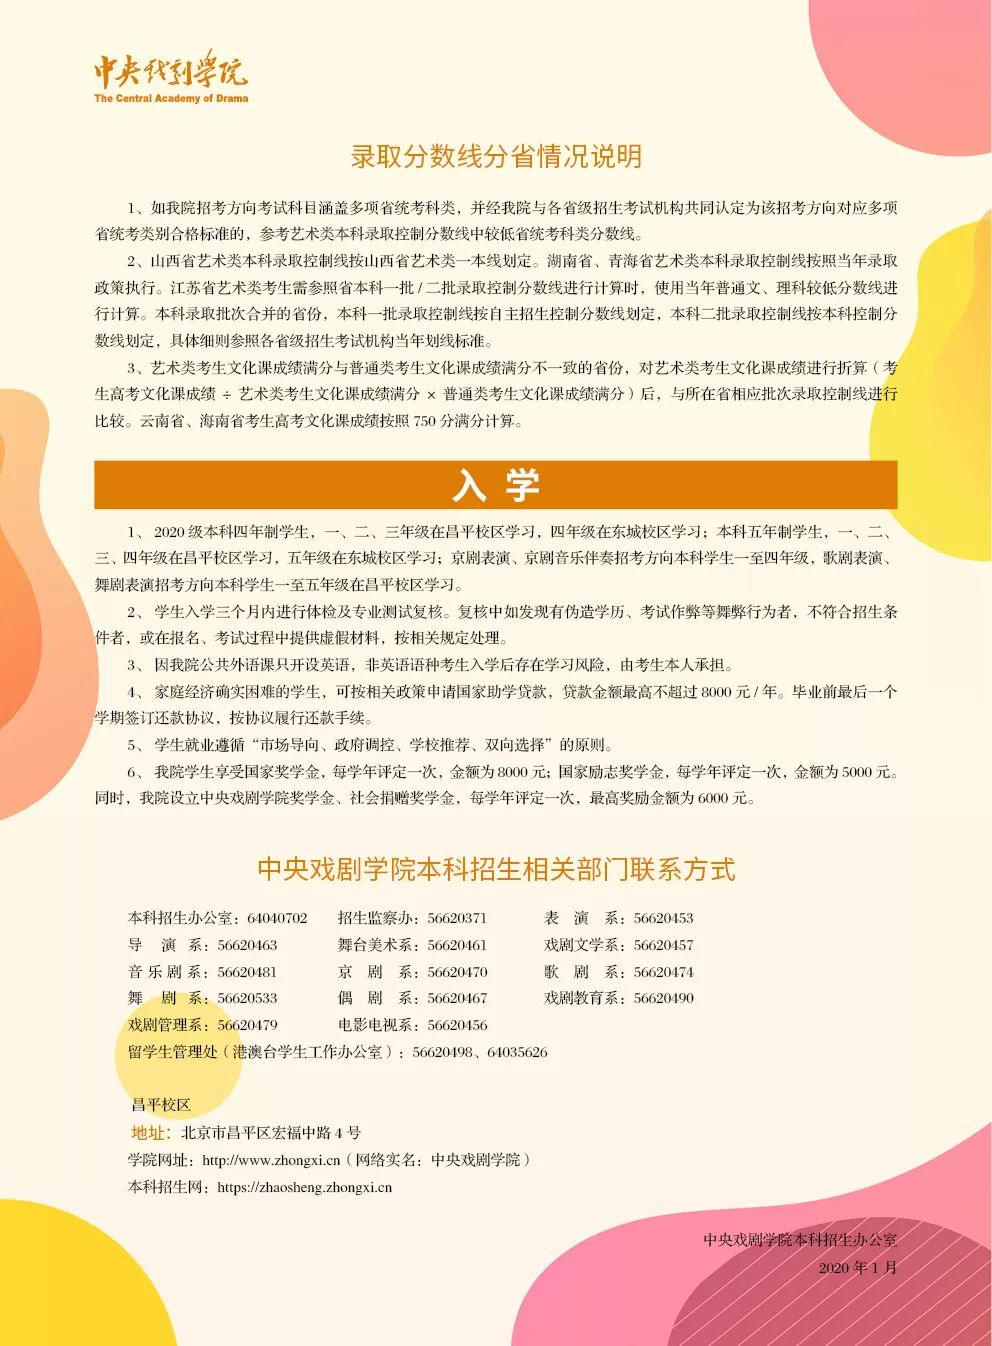 中国传媒大学,北京电影学院,中央戏剧学院,北京巅峰广艺画室       49